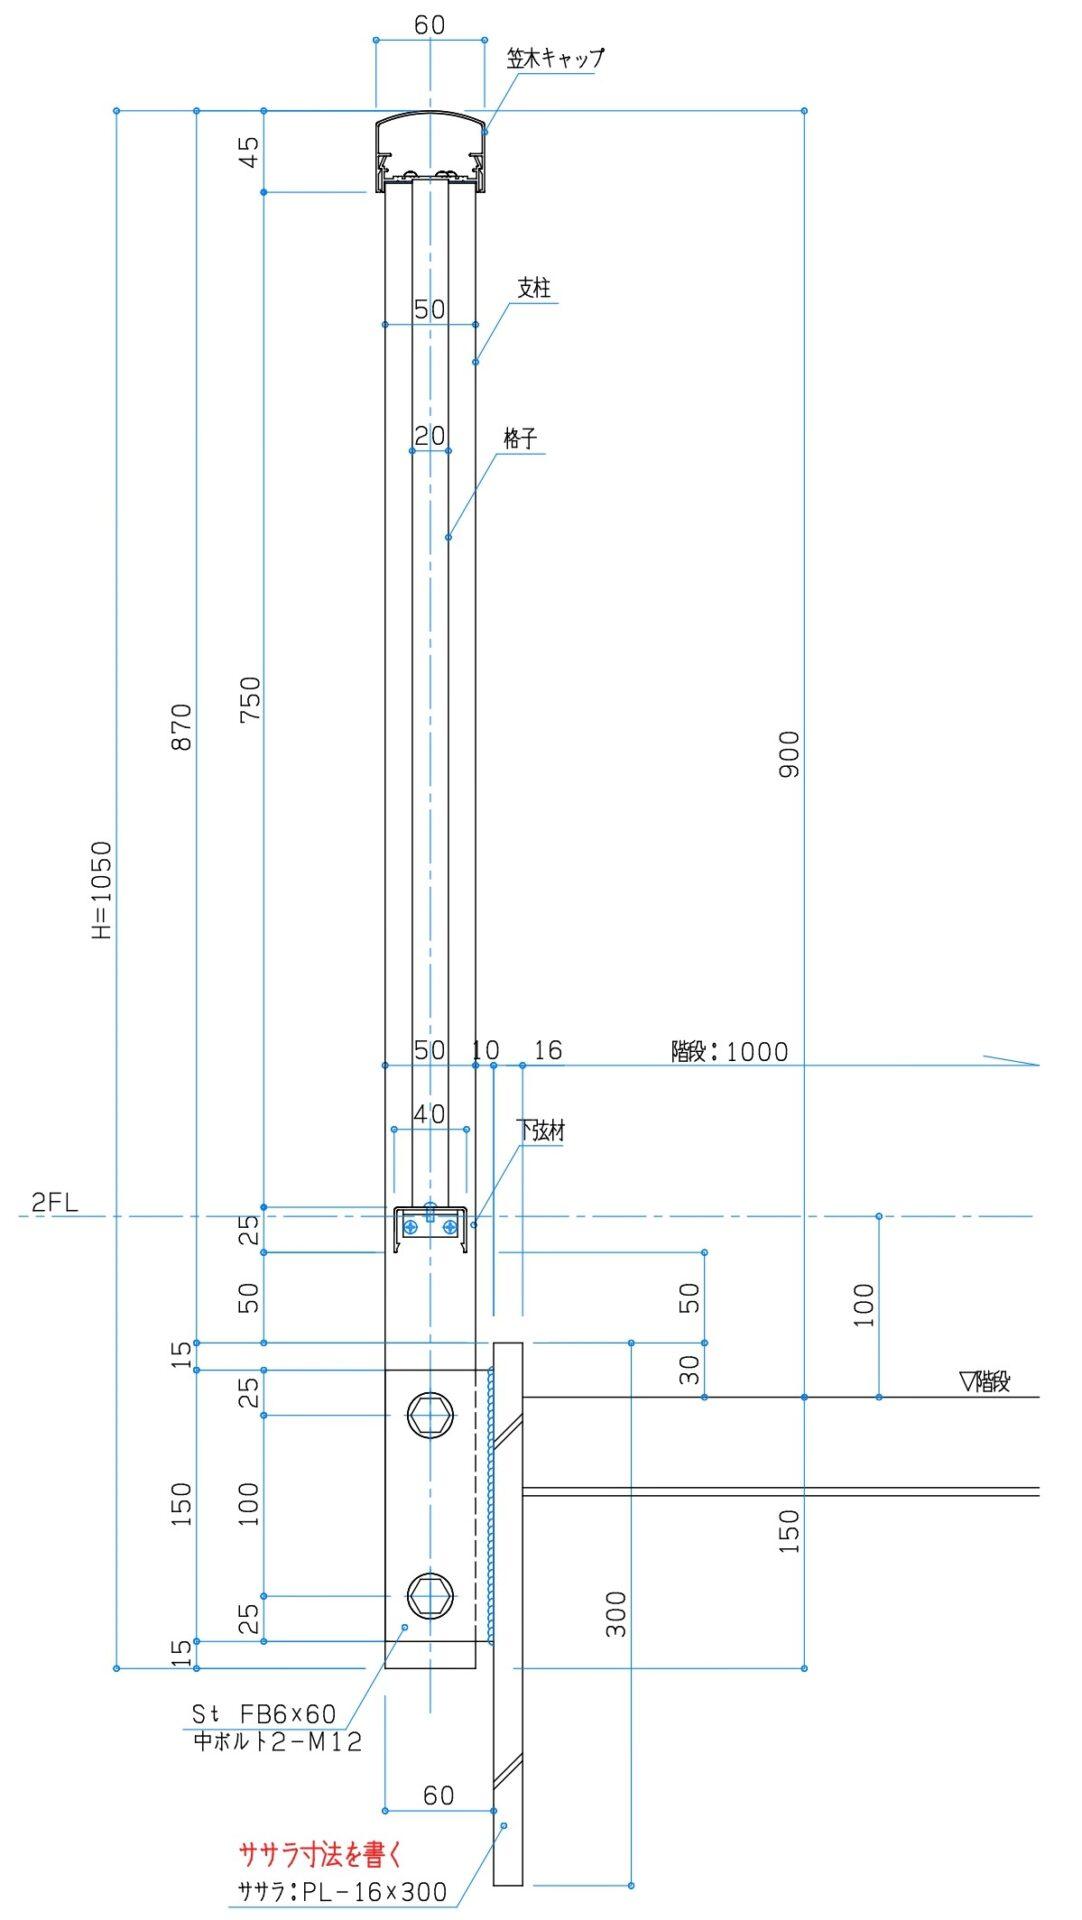 階段手摺 断面 CAD